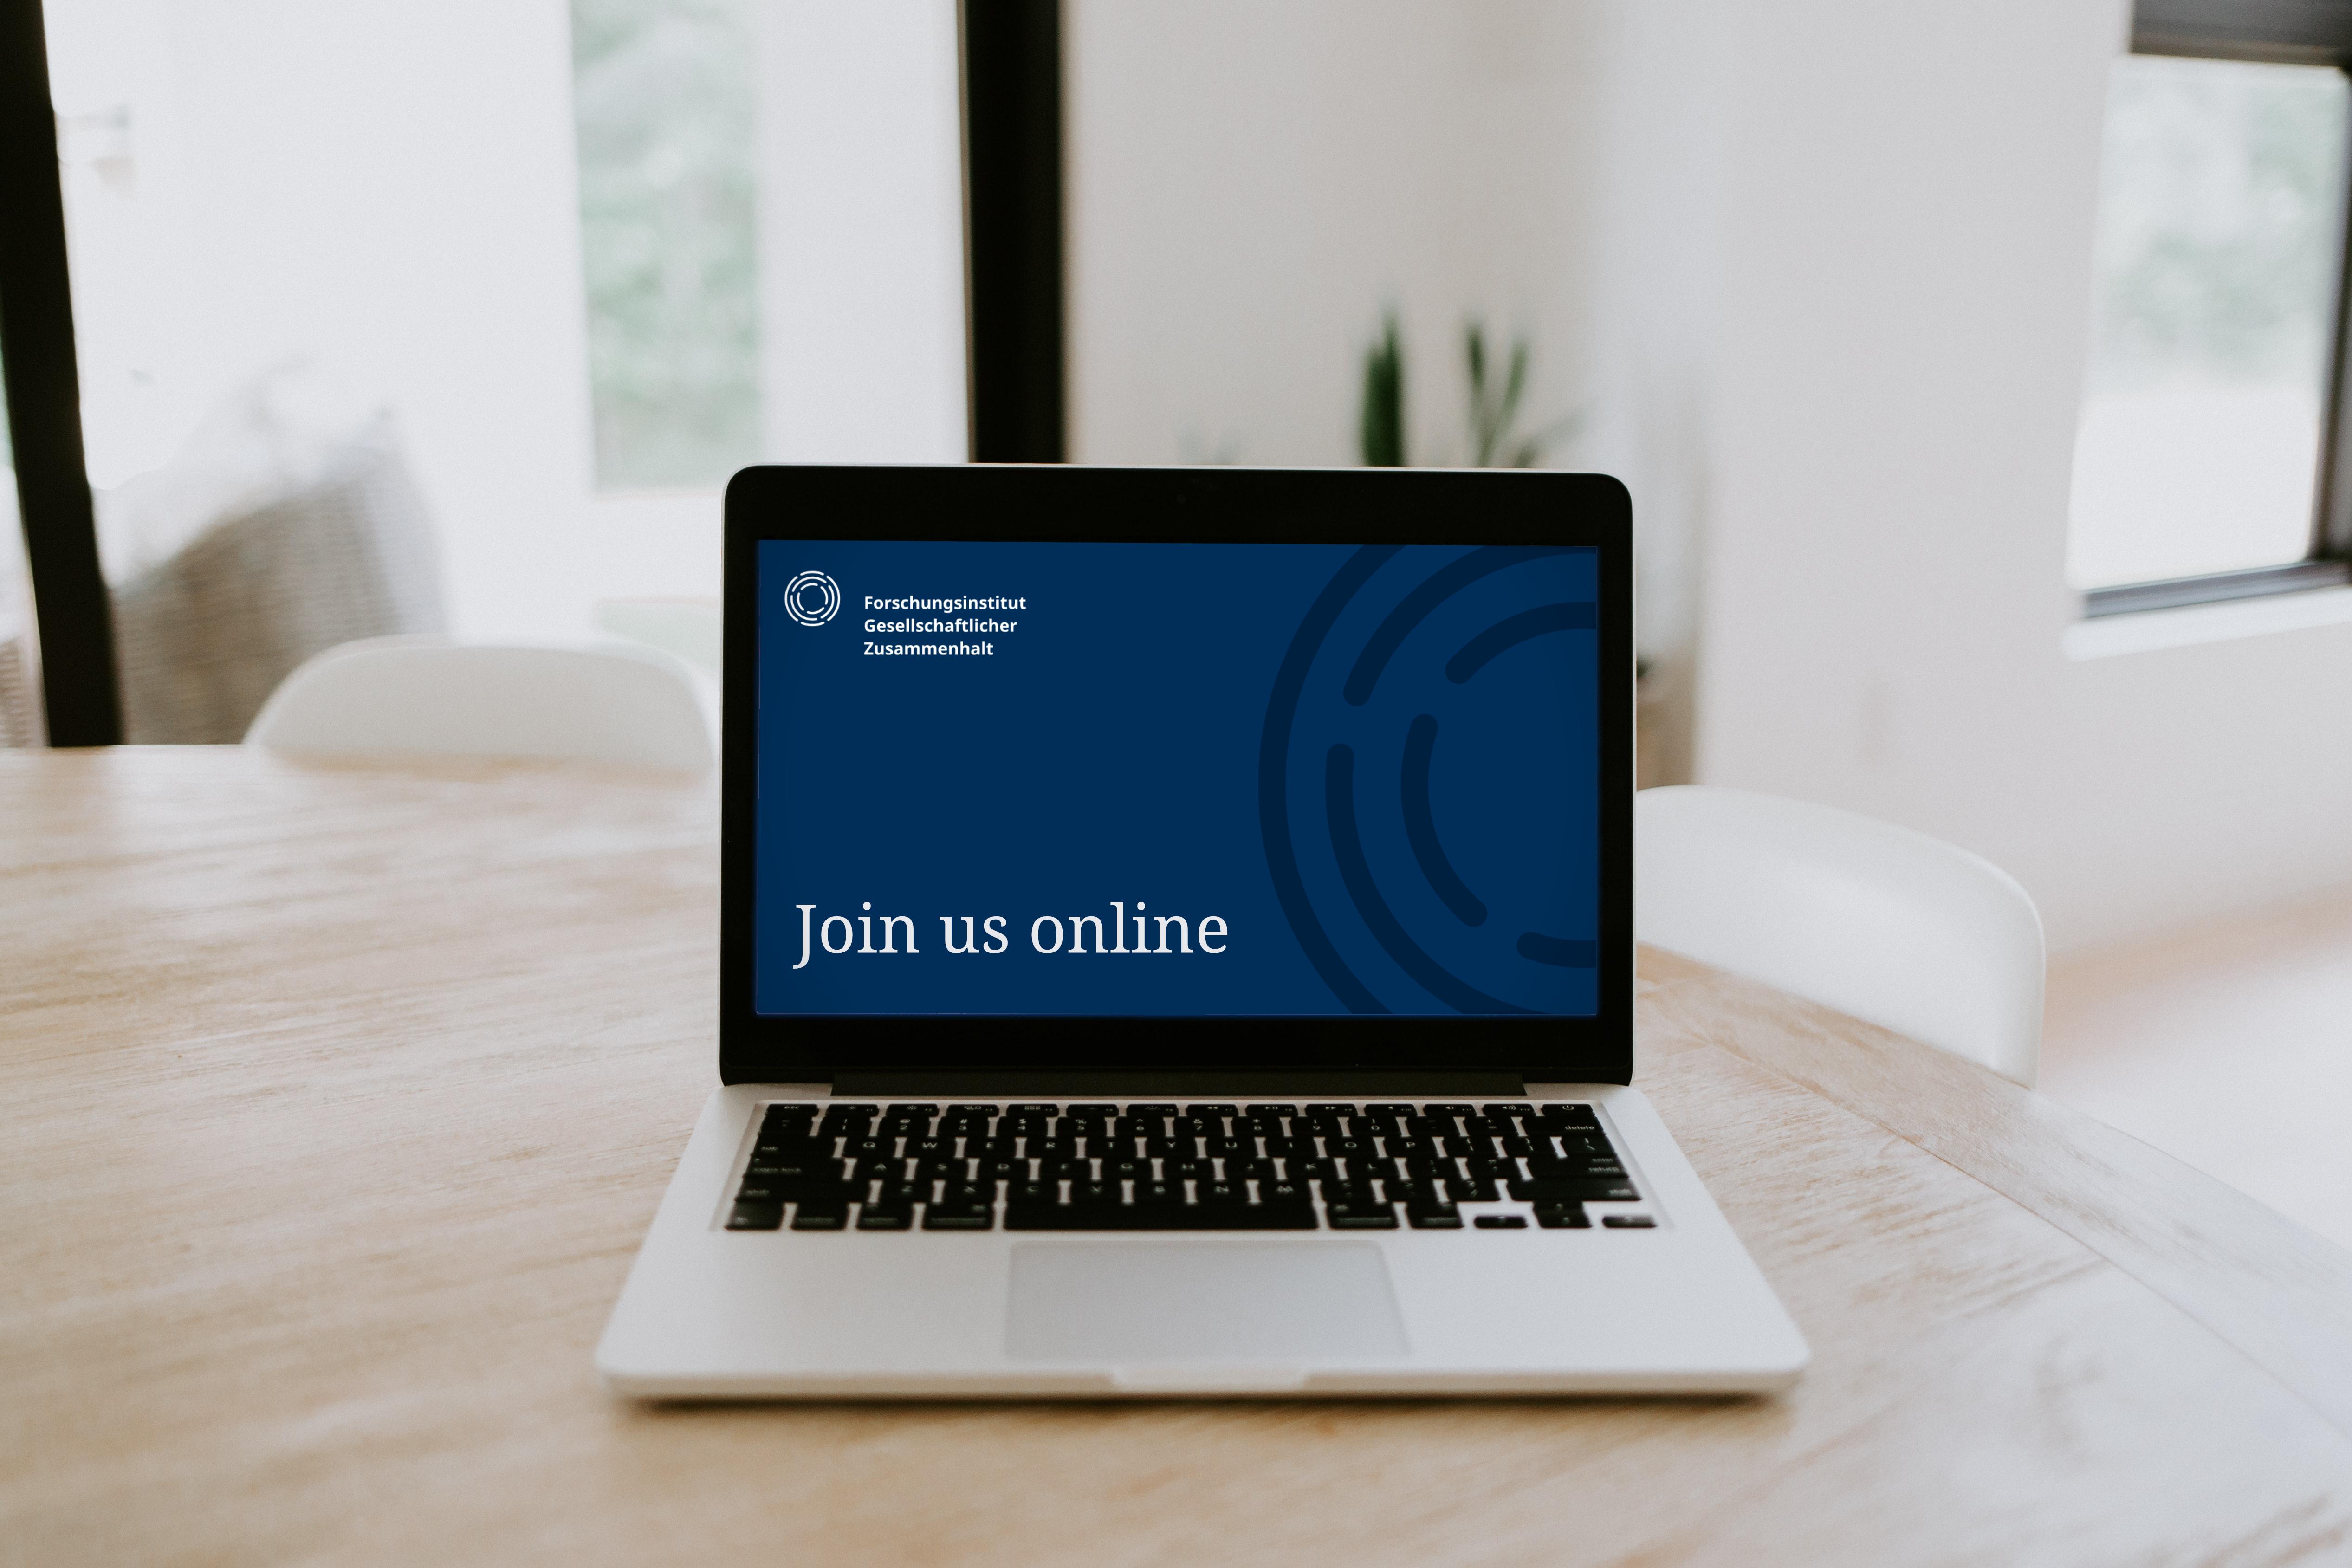 Die FGZ-Eröffnungskonferenz findet online statt. Quelle: Samantha Borges_Unsplash/ Florian Foerster